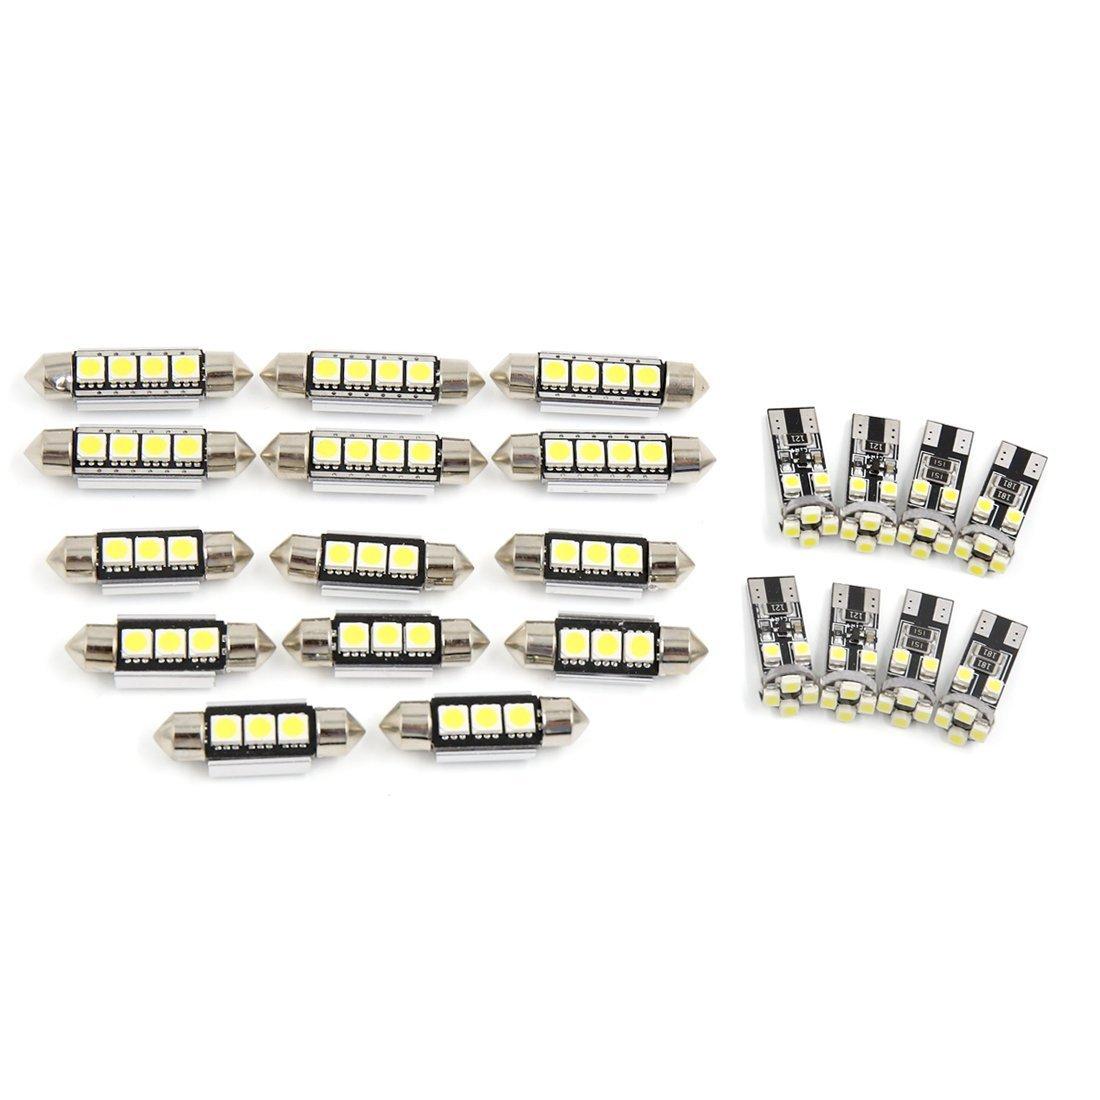 Zantec 22 pcs Blanc Festoon ampoules LED LED Inté rieur de voiture lumiè res carte Dome ampoules de lampes de lecture Ensemble pour X5 E53 2001– 2006 CANBUS QPXJSJPR125#LW07